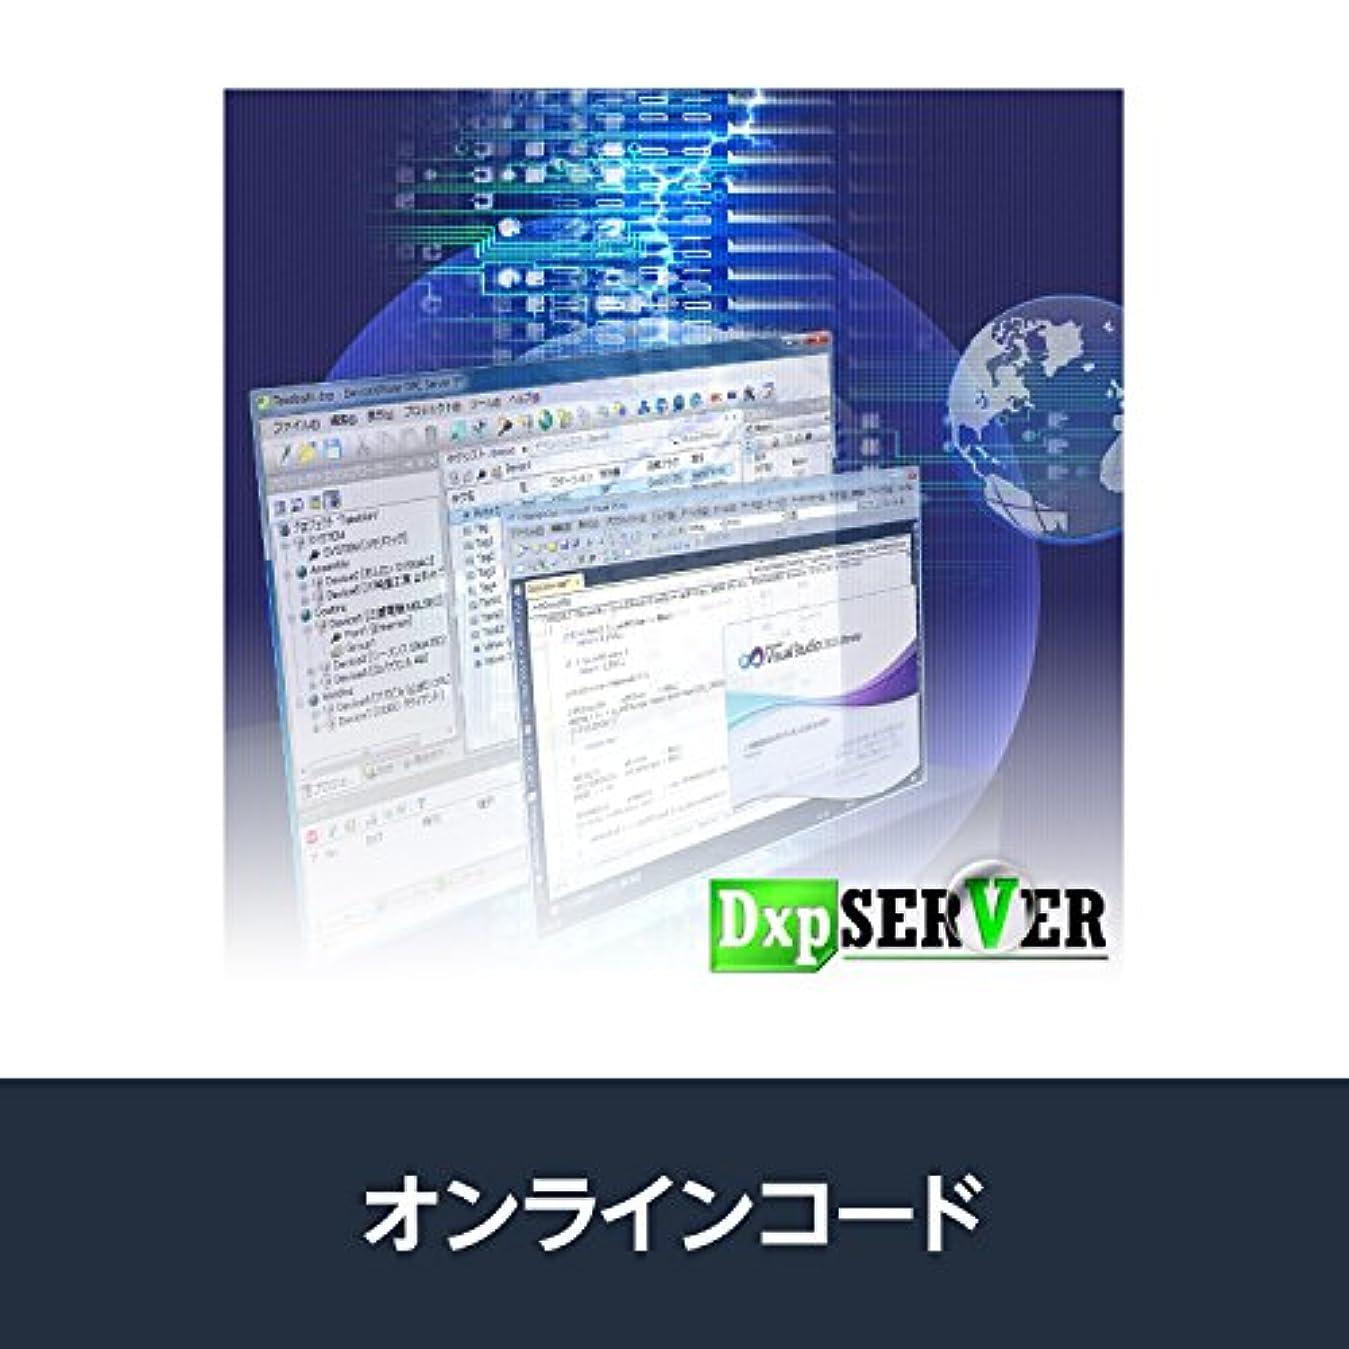 硬さエッセイとまり木DeviceXPlorer OPC Server(最新) Ver.5 オムロンSYSMAC版 オンラインコード版